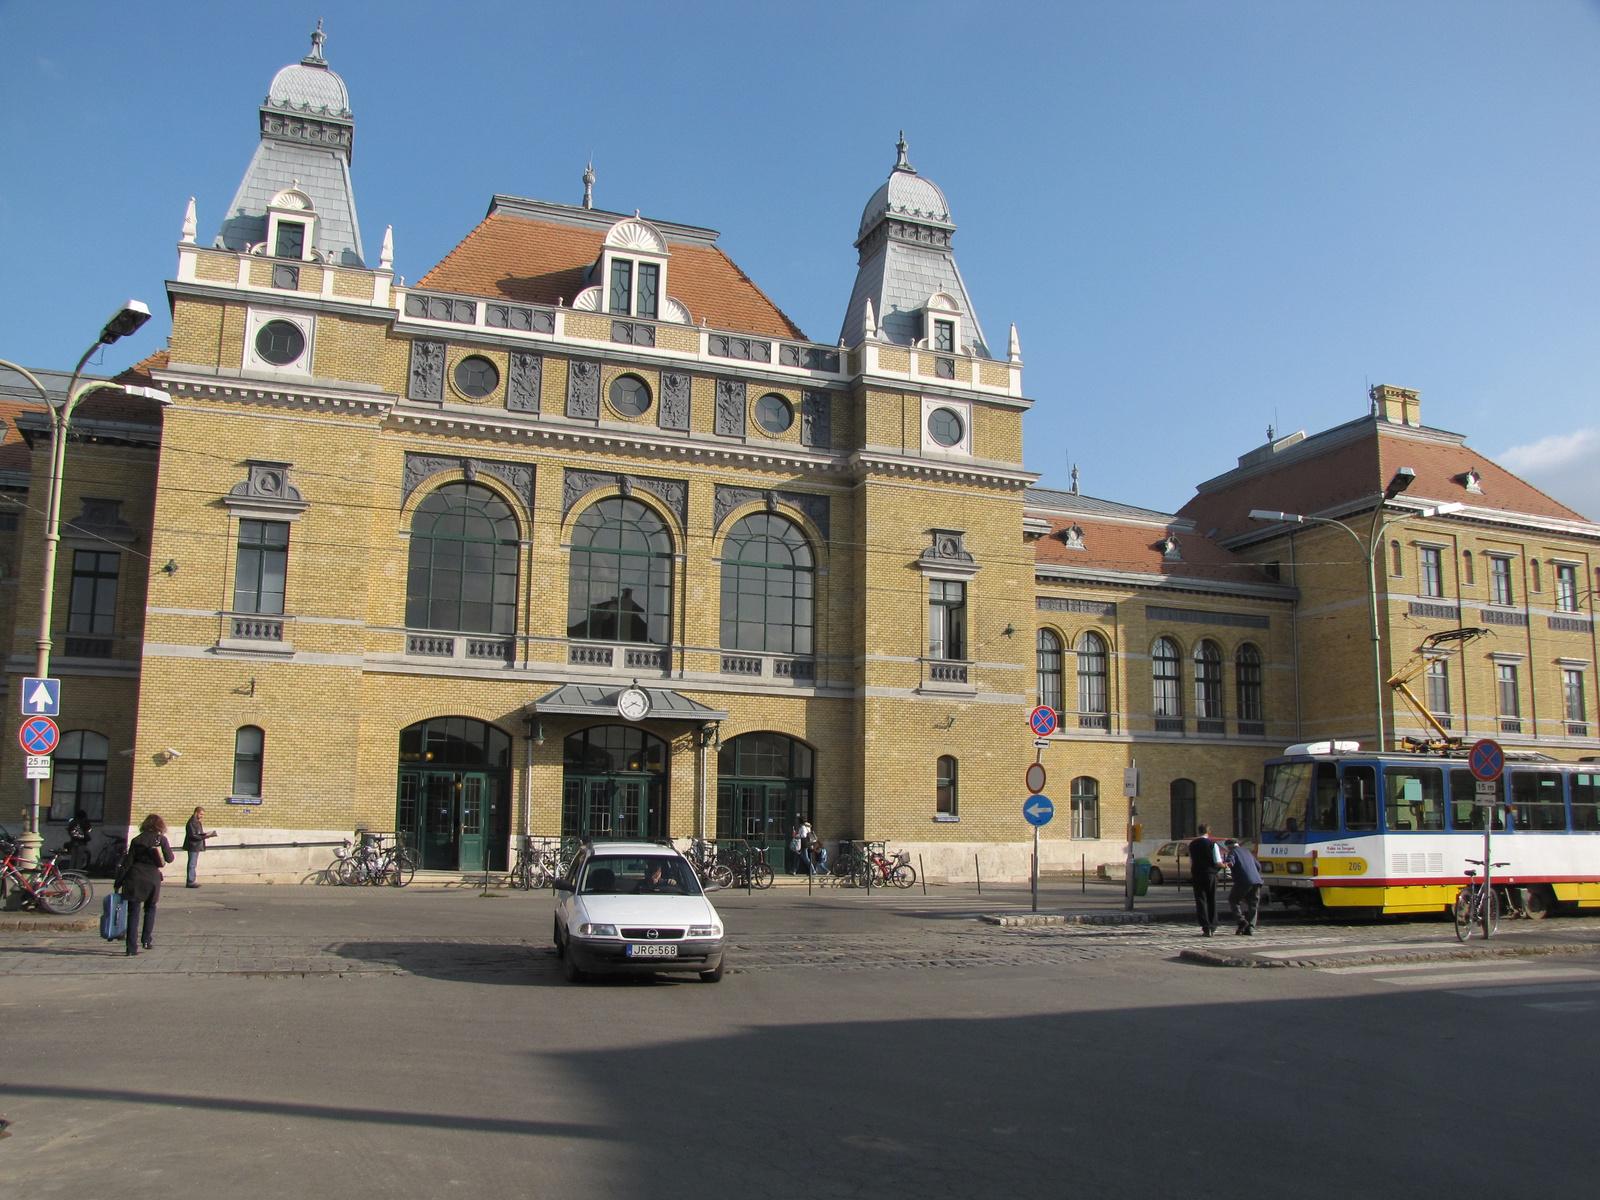 Magyarország, Szeged, a Tiszai Pályaudvar, SzG3